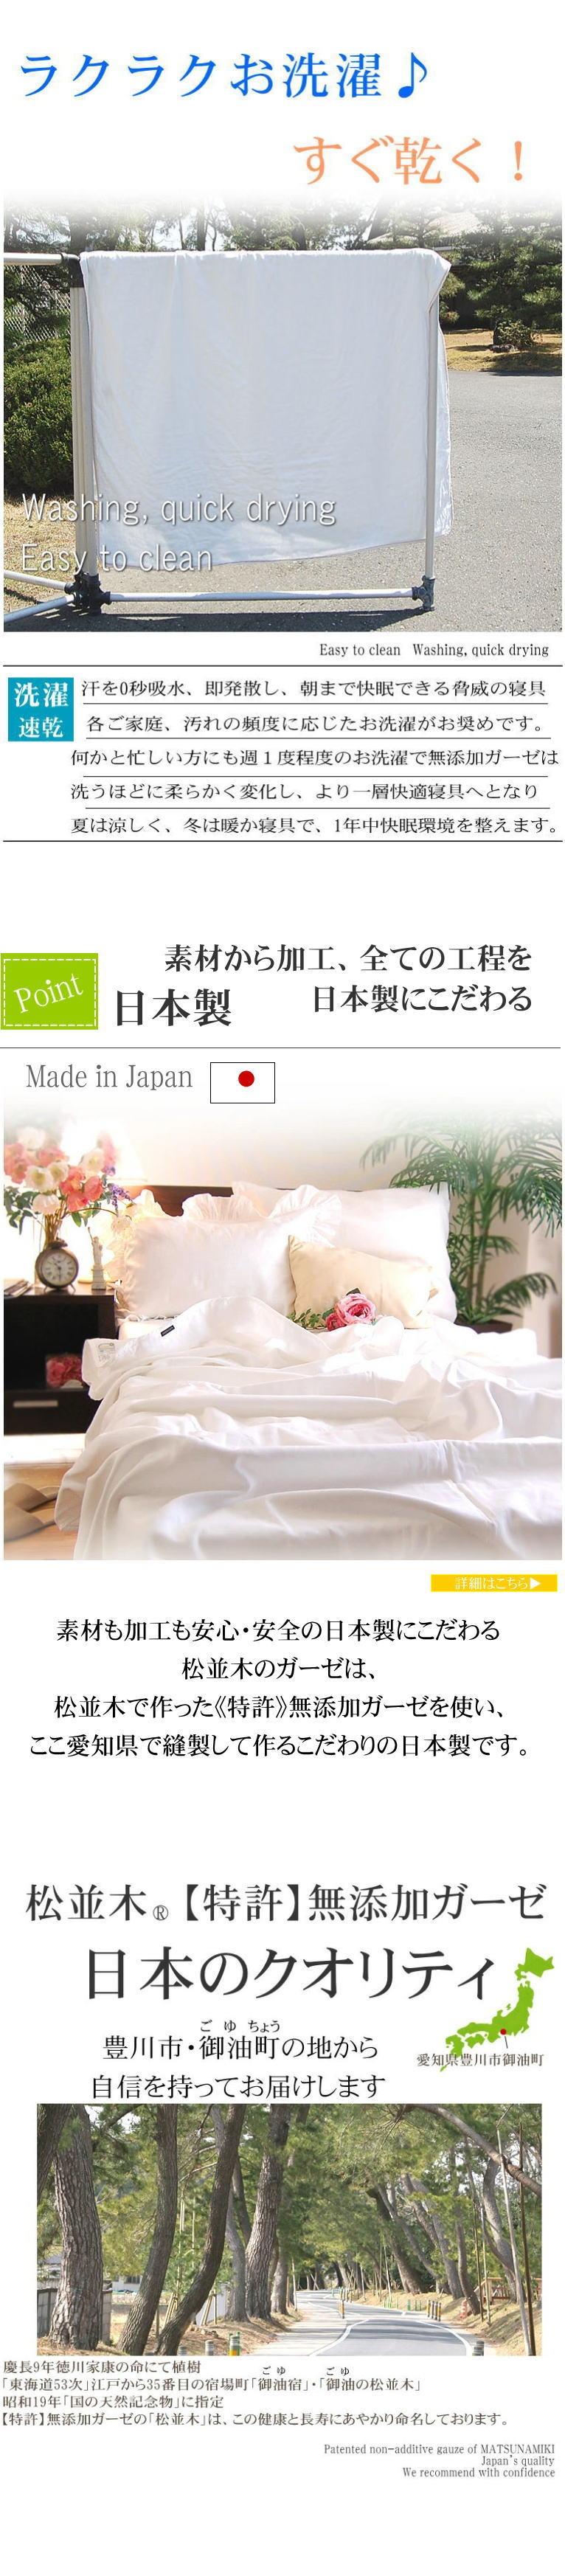 日本製 無添加 ガーゼケット 年中快眠 松並木